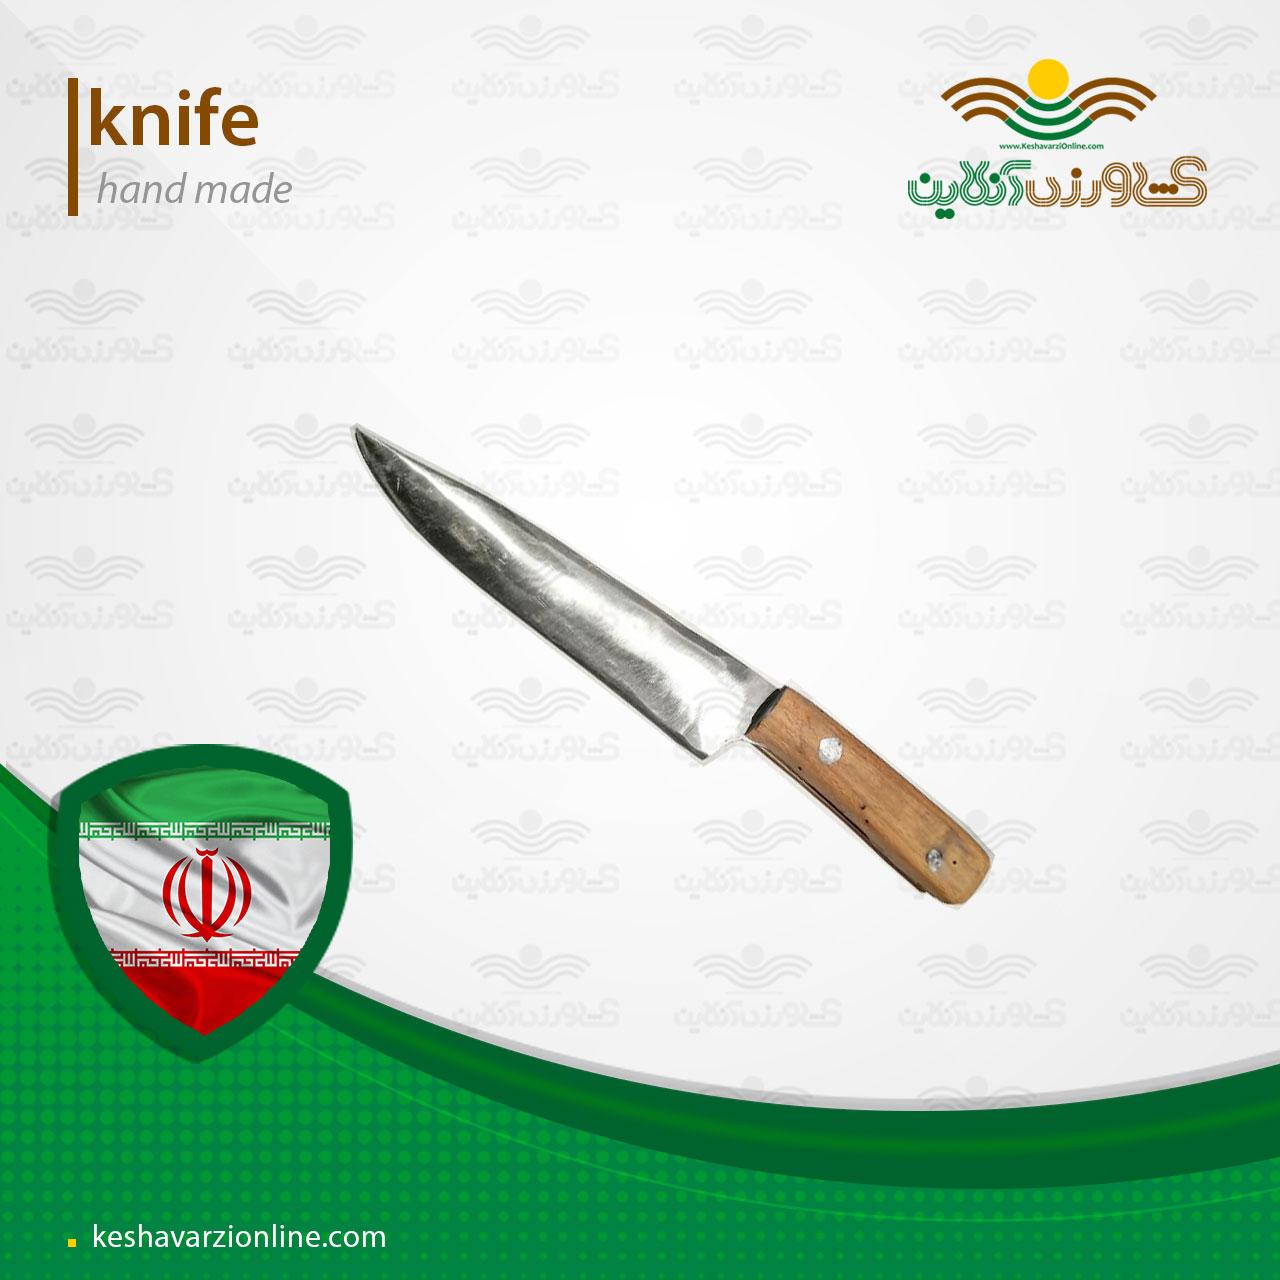 چاقو دست ساز ساخته شده از فنر ماشین